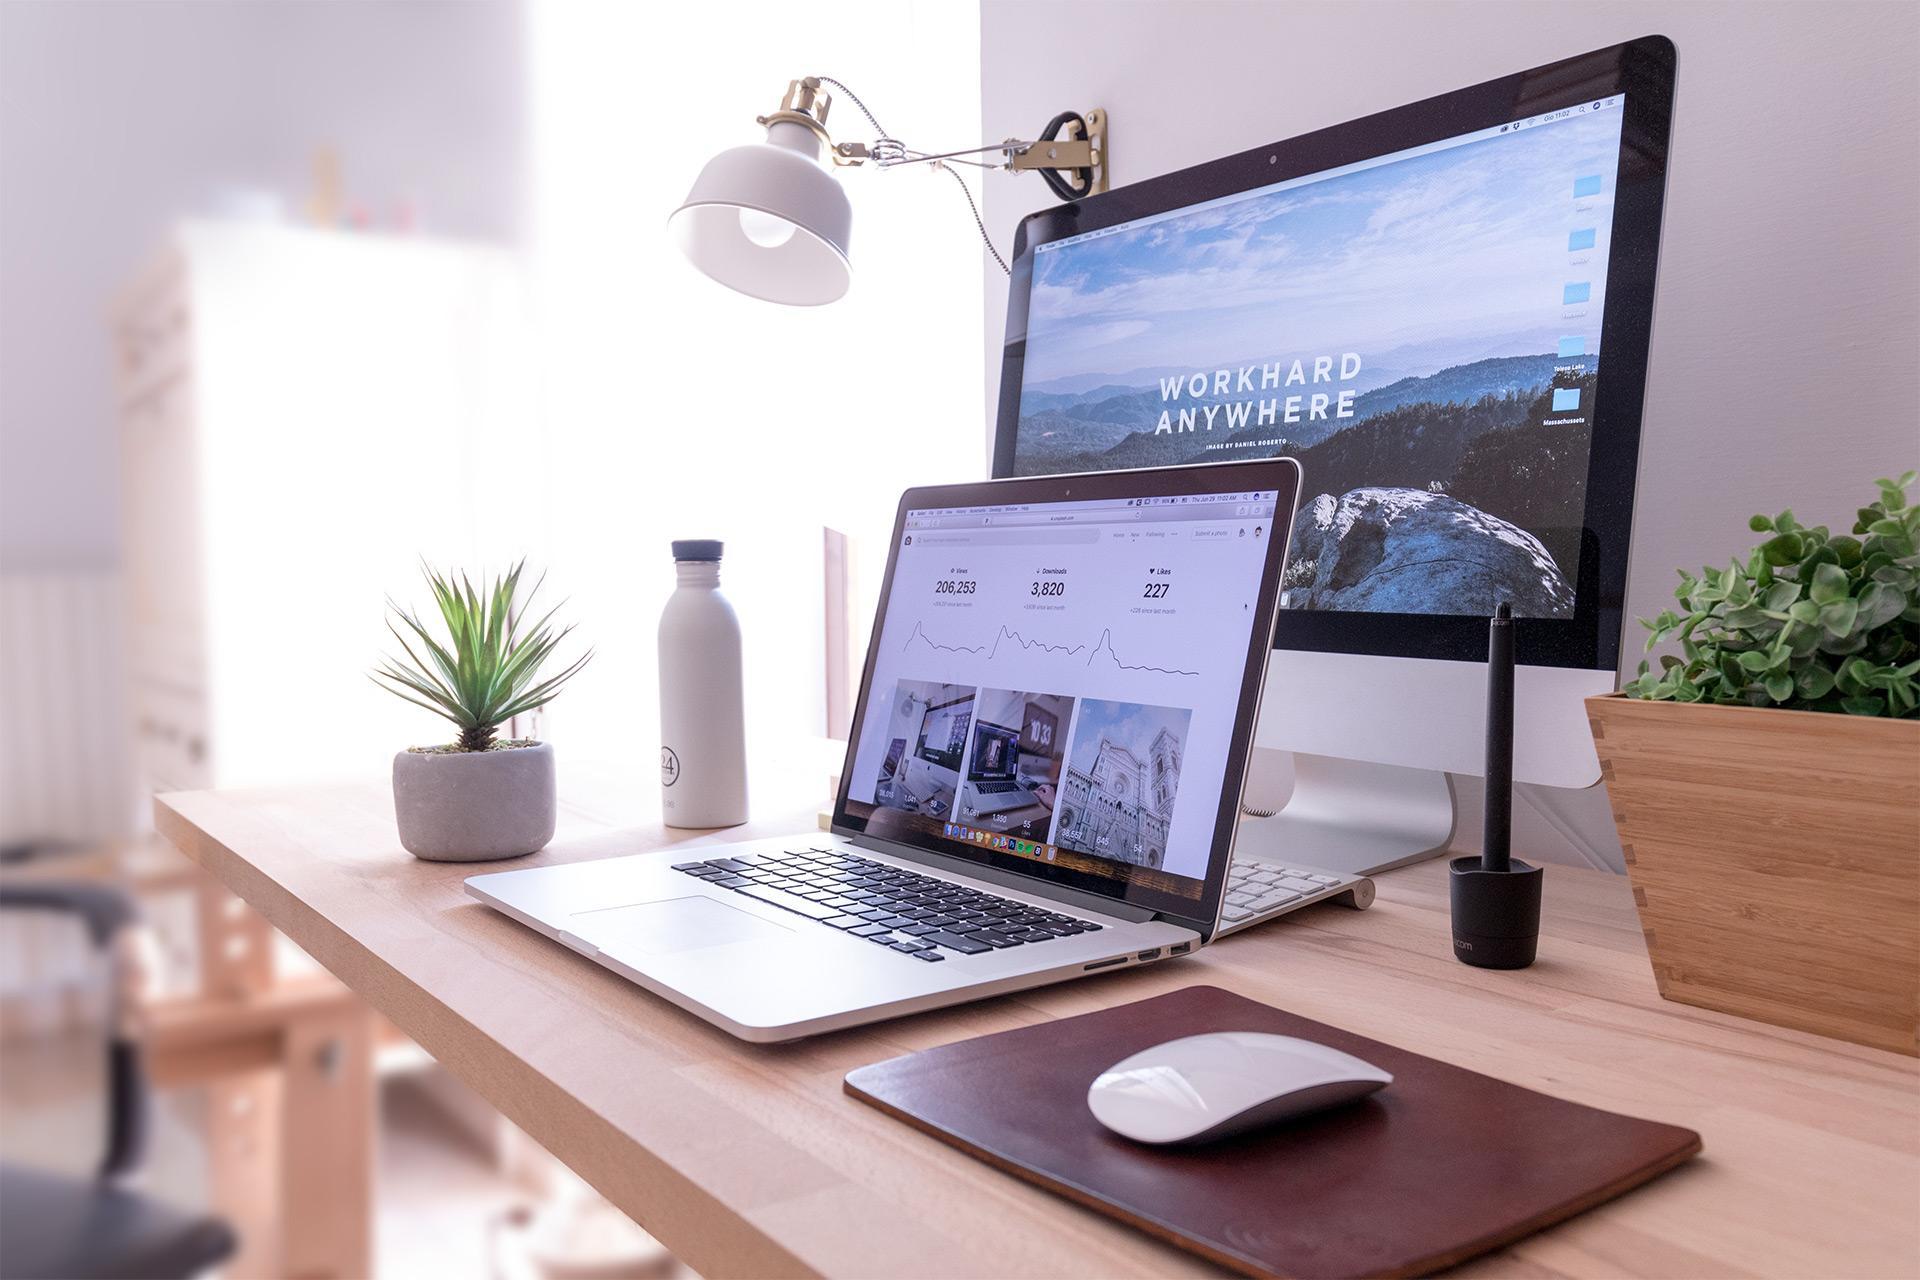 Arbeitszimmer einrichten – was sollte ich bei diesem Projekt beachten?